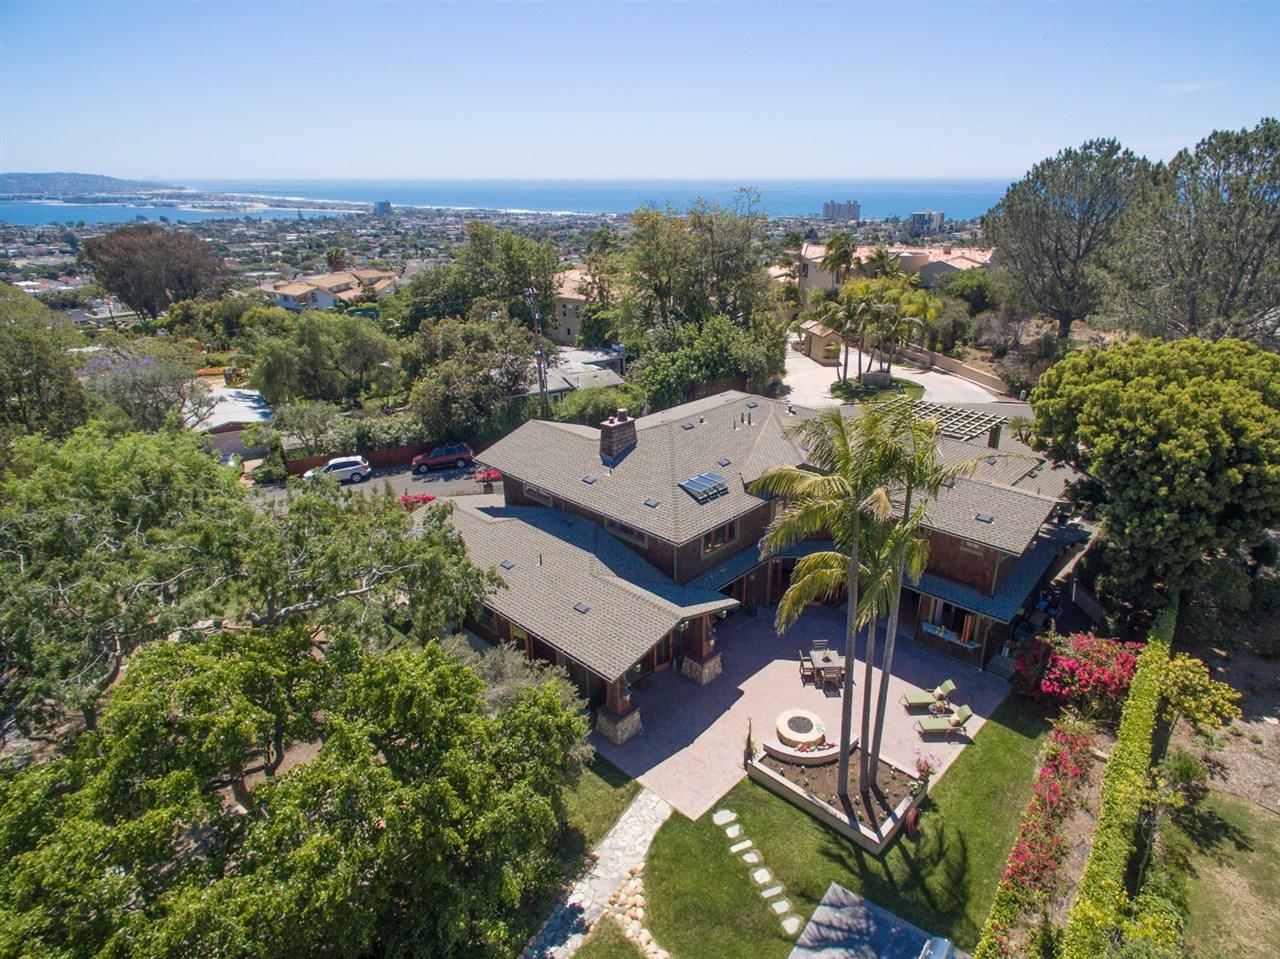 1684 Los Altos Road, San Diego, CA 92109